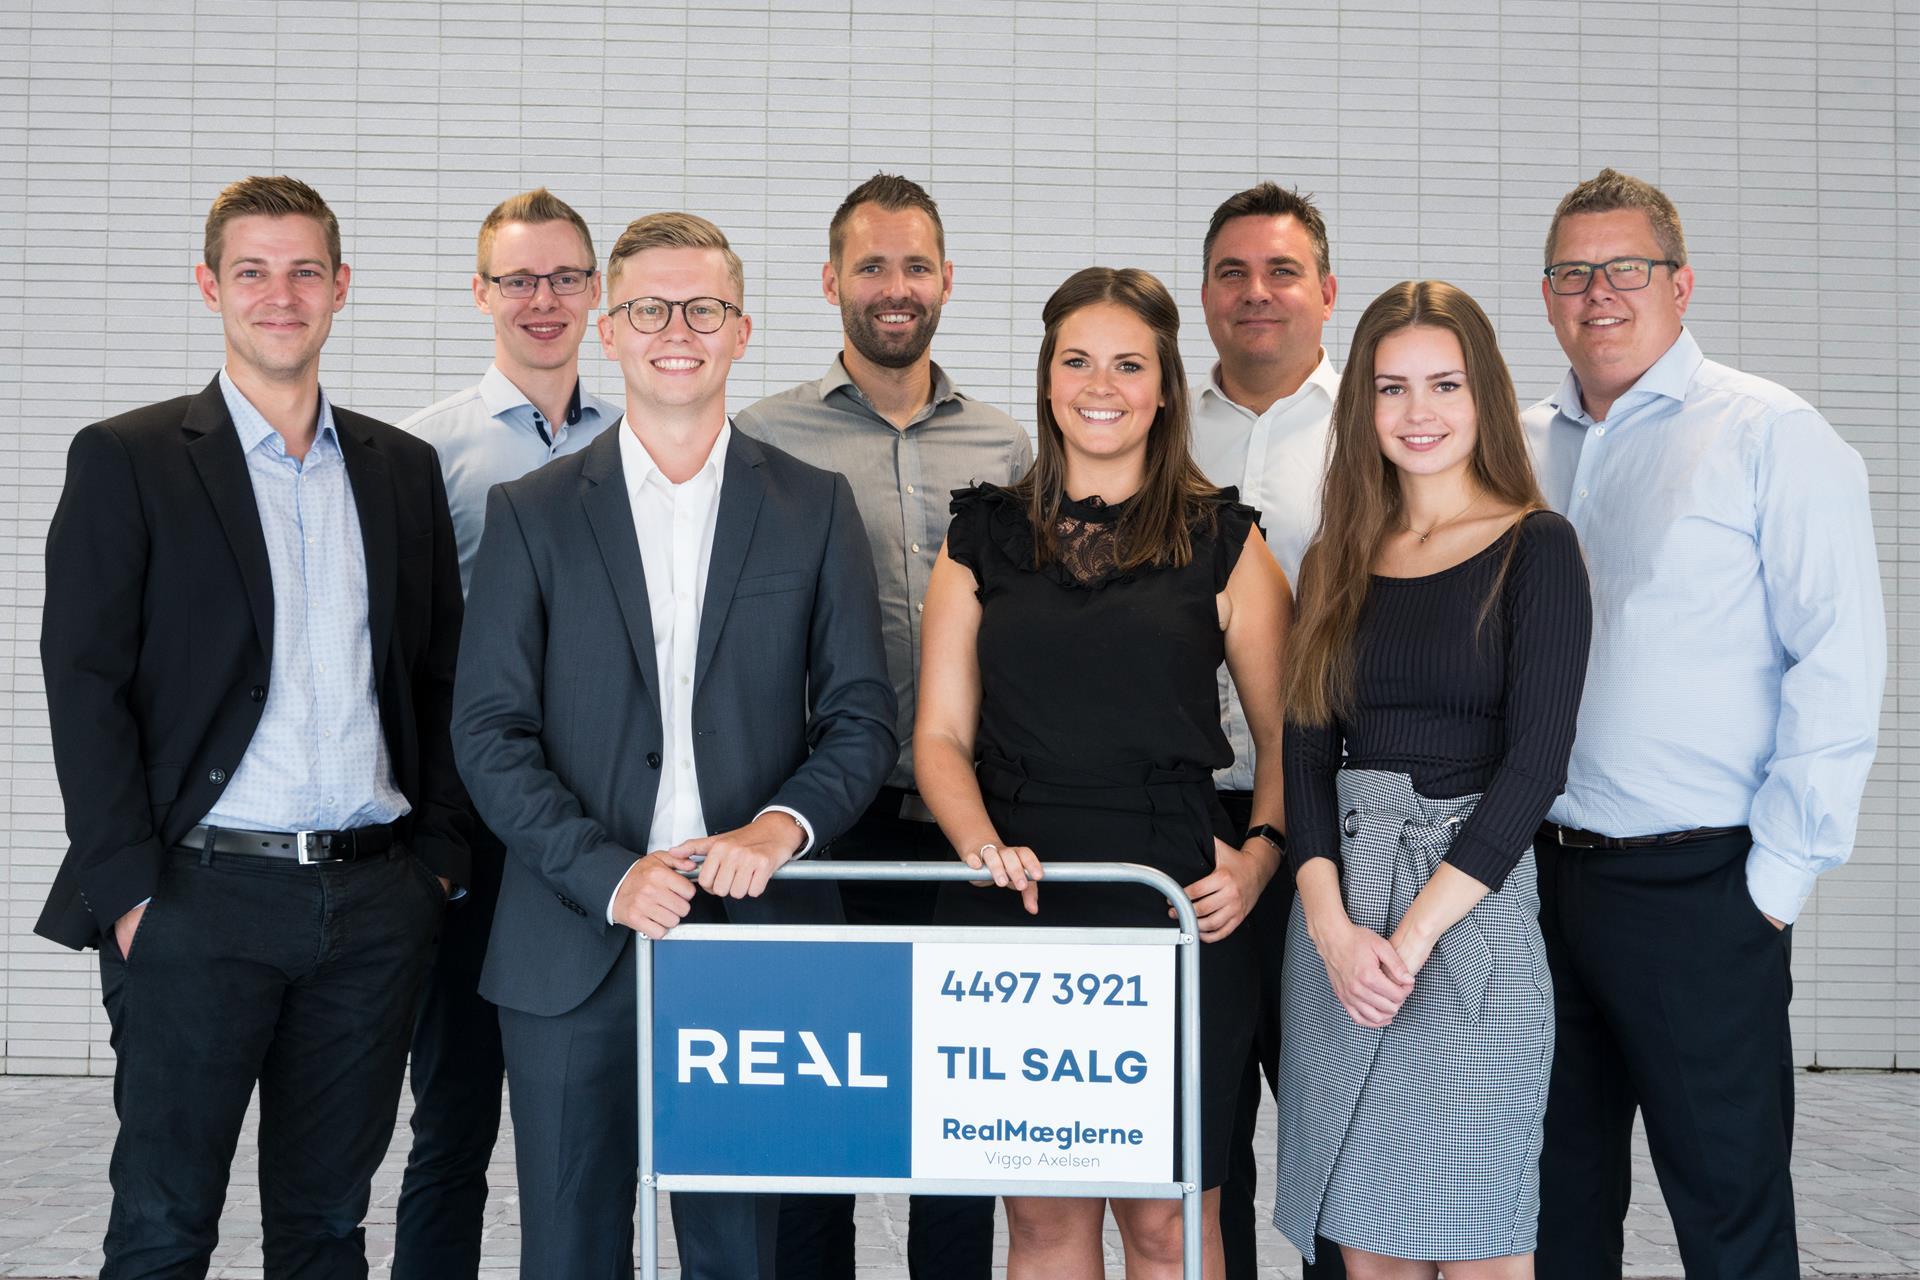 Ejendomsmægler Egedal og Jyllinge - Effektivt boligsalg - RealMæglerne